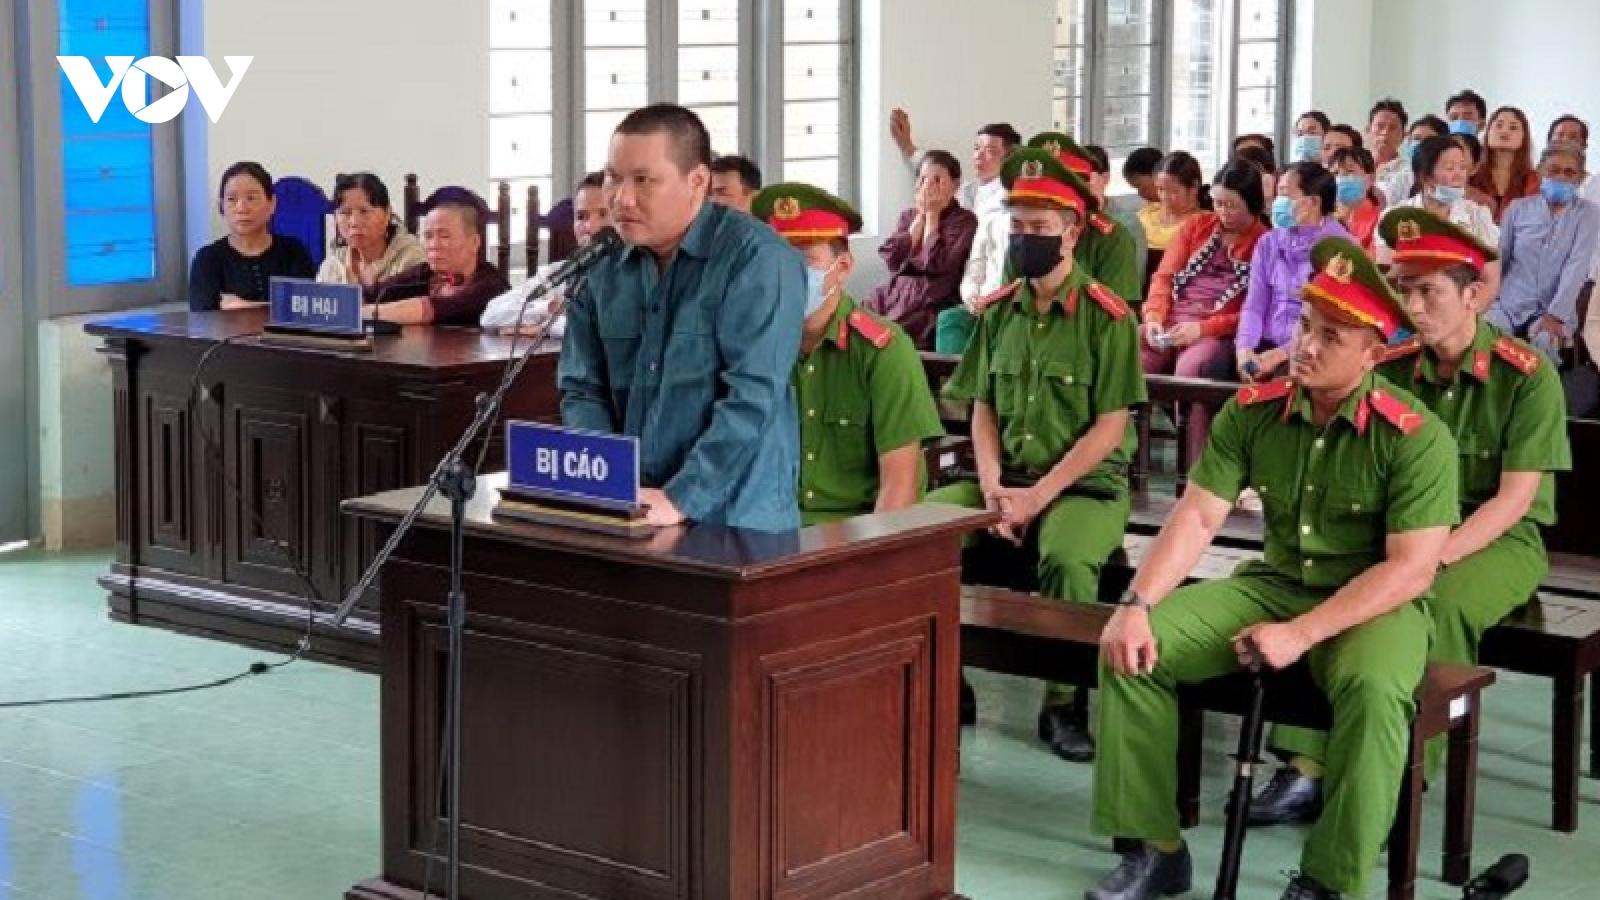 Bình Thuận: Tử hình kẻ sát hại sư thầy và phật tử